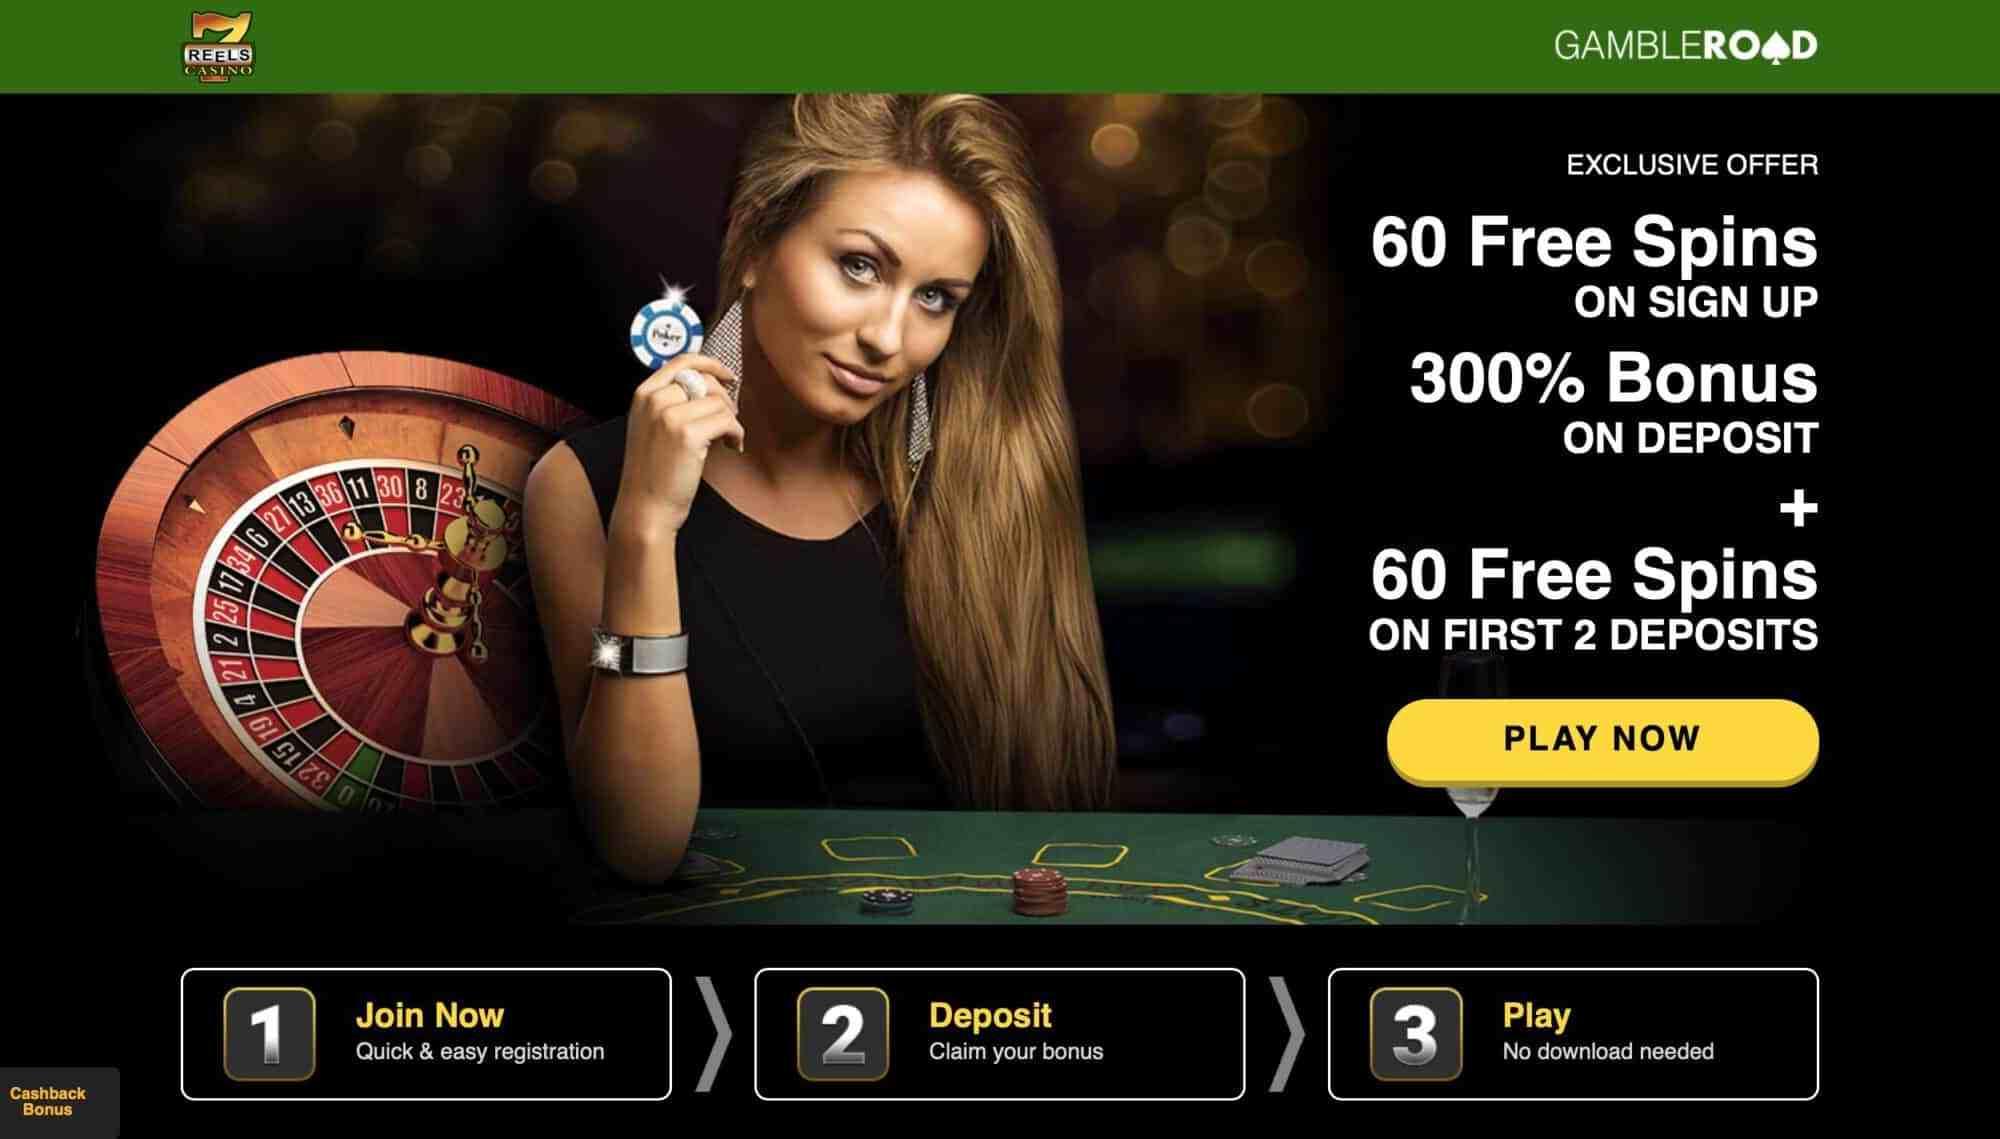 7 Reels Casino - Get 60 Free Spins + 300% Deposit